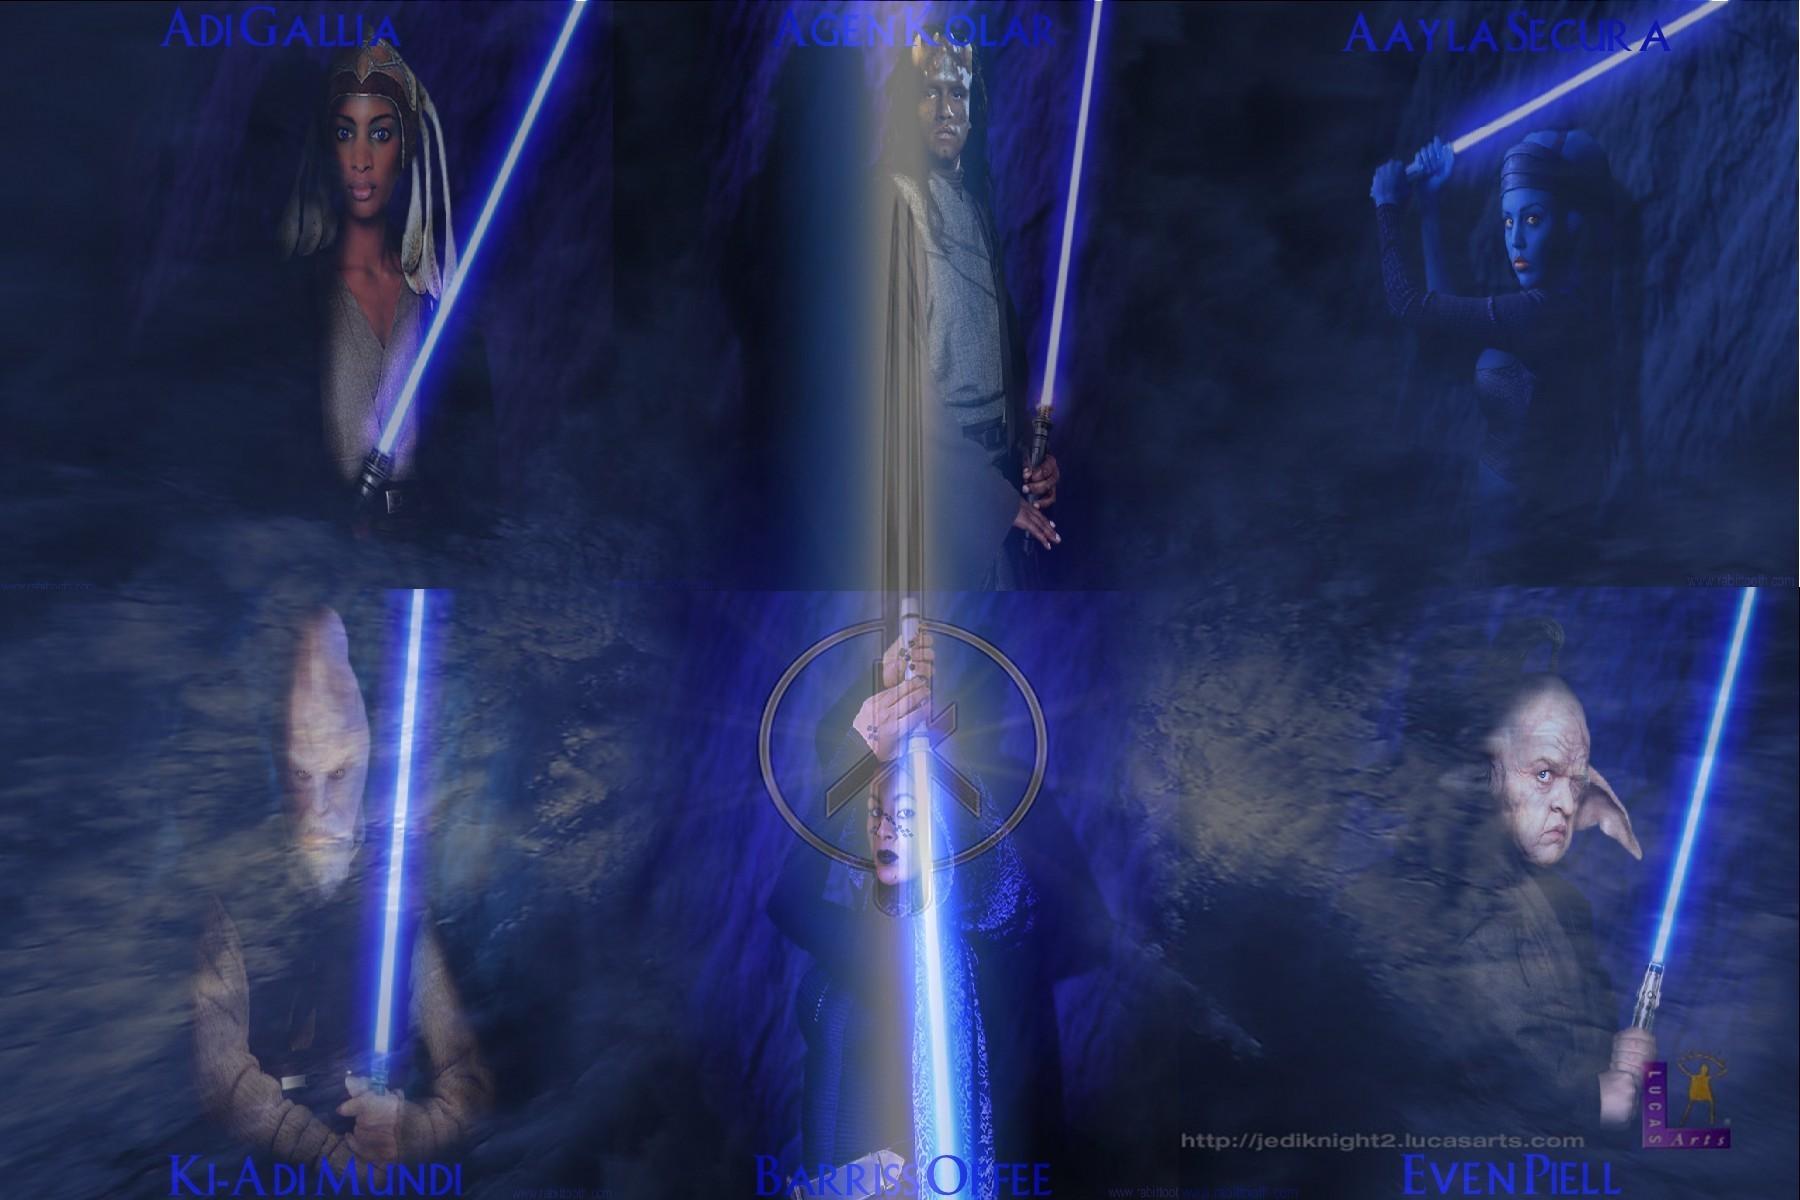 Free Download Star Wars Jedi Knight Wallpaper Star Wars Jedi